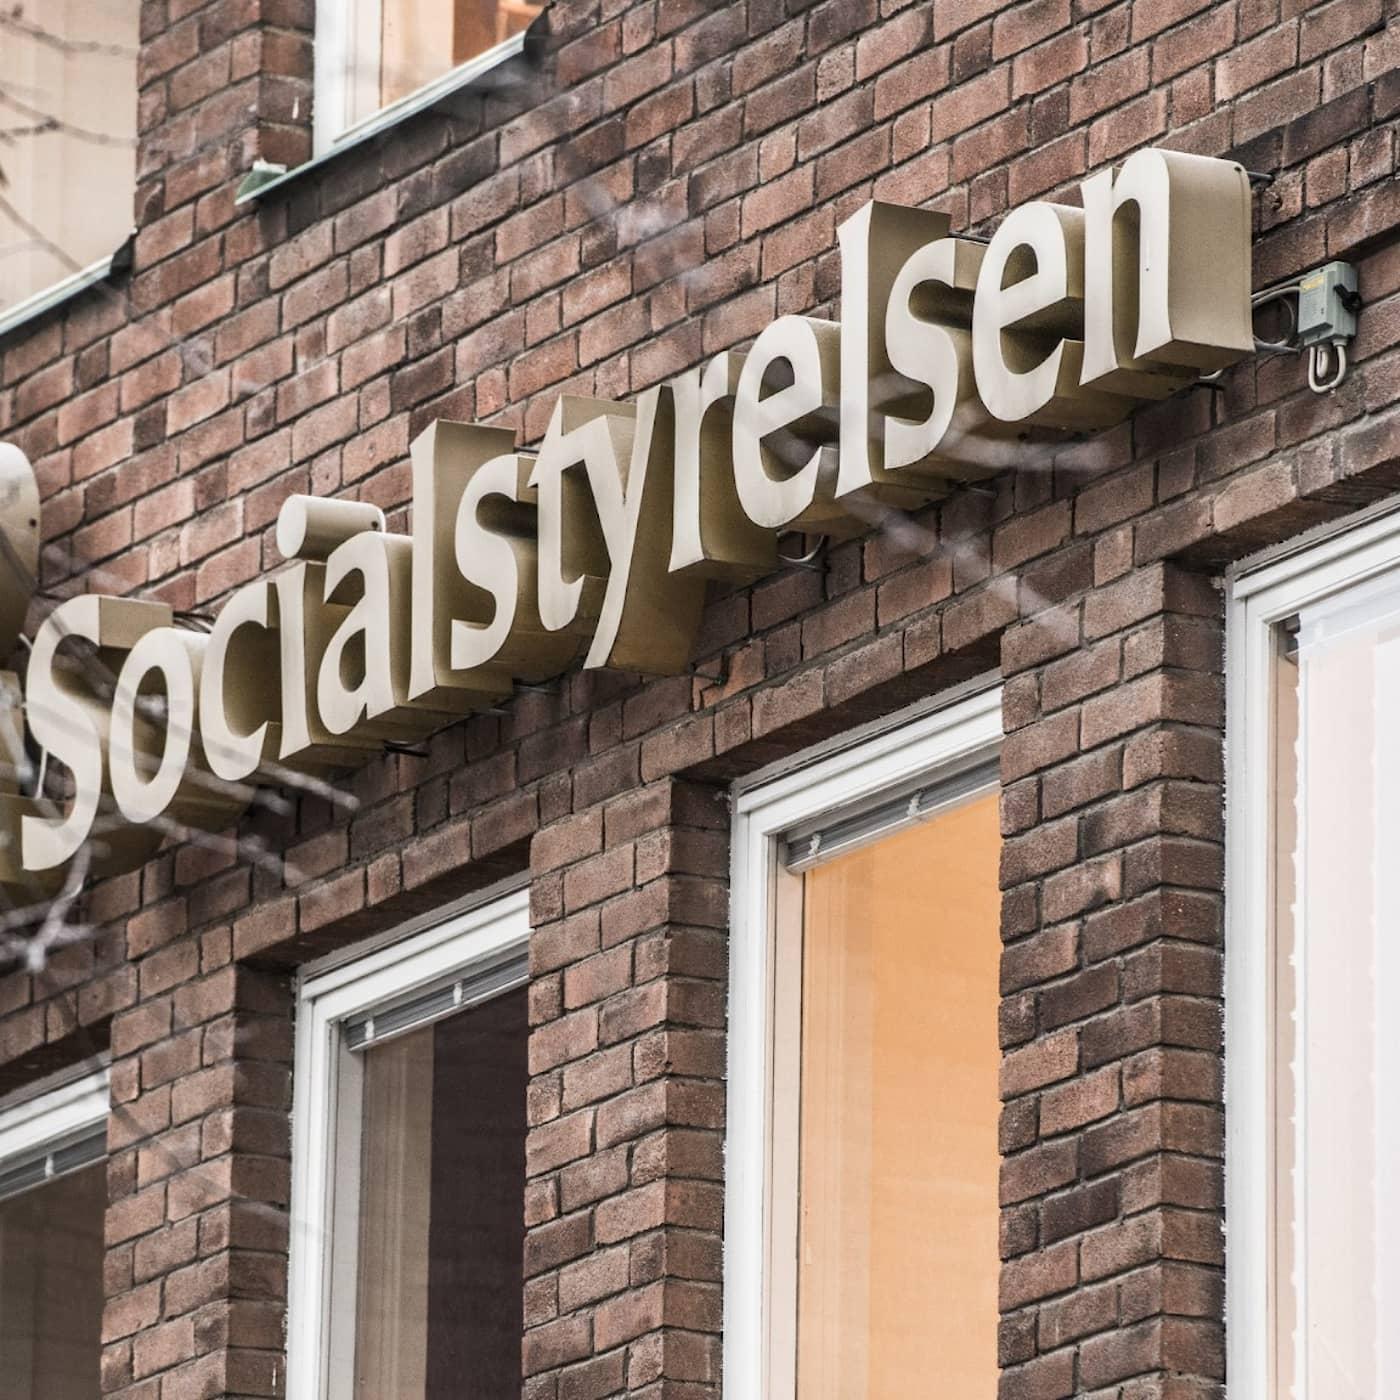 Aftonbladet hänger ut riksdagsman för klansamröre, Anklagande utpekanden i snåriga familjehistorier, Krislagar används för coronasekretess